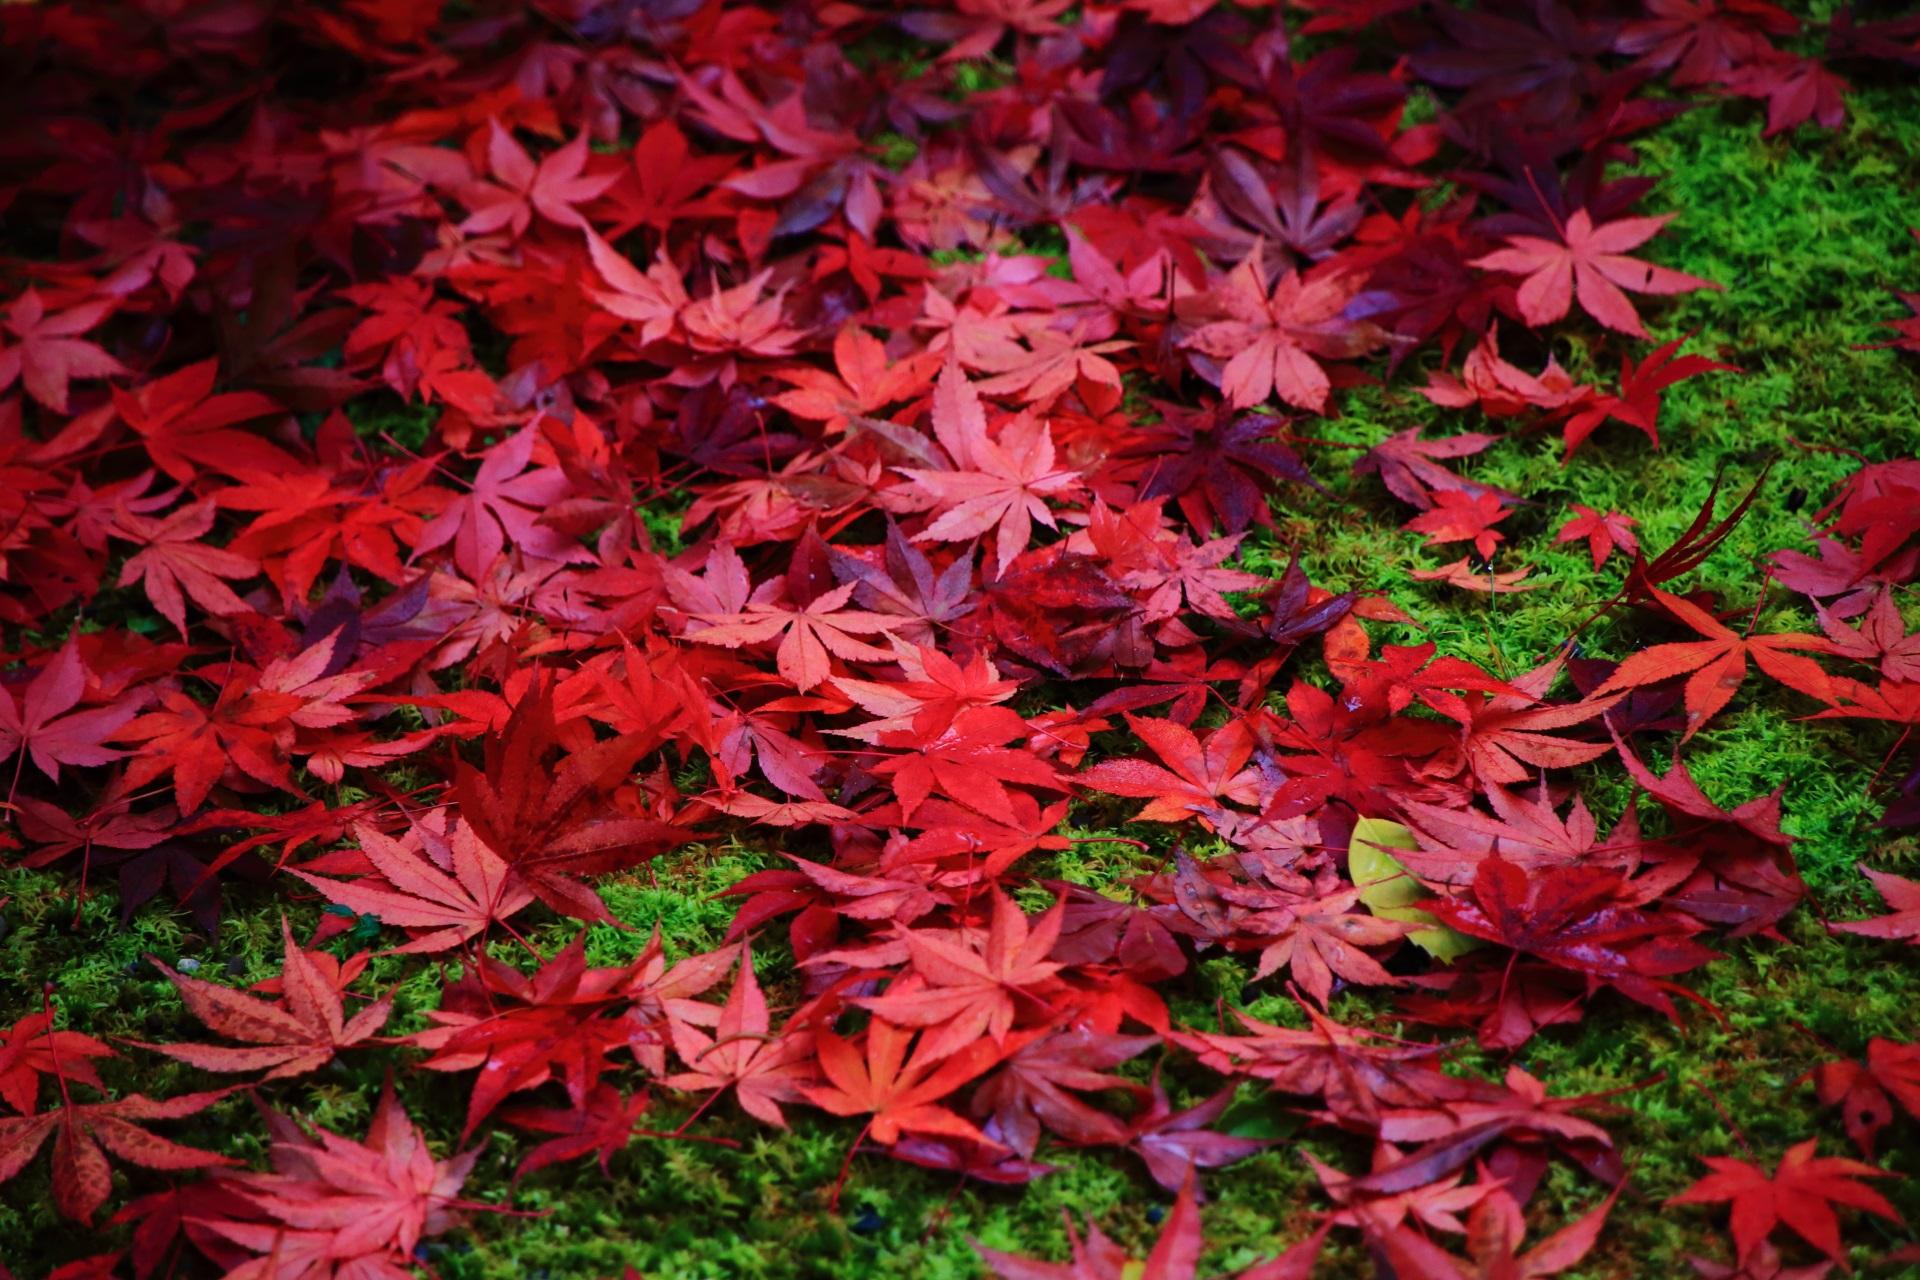 光悦寺の素晴らしすぎる紅葉や散りもみじと秋色の情景